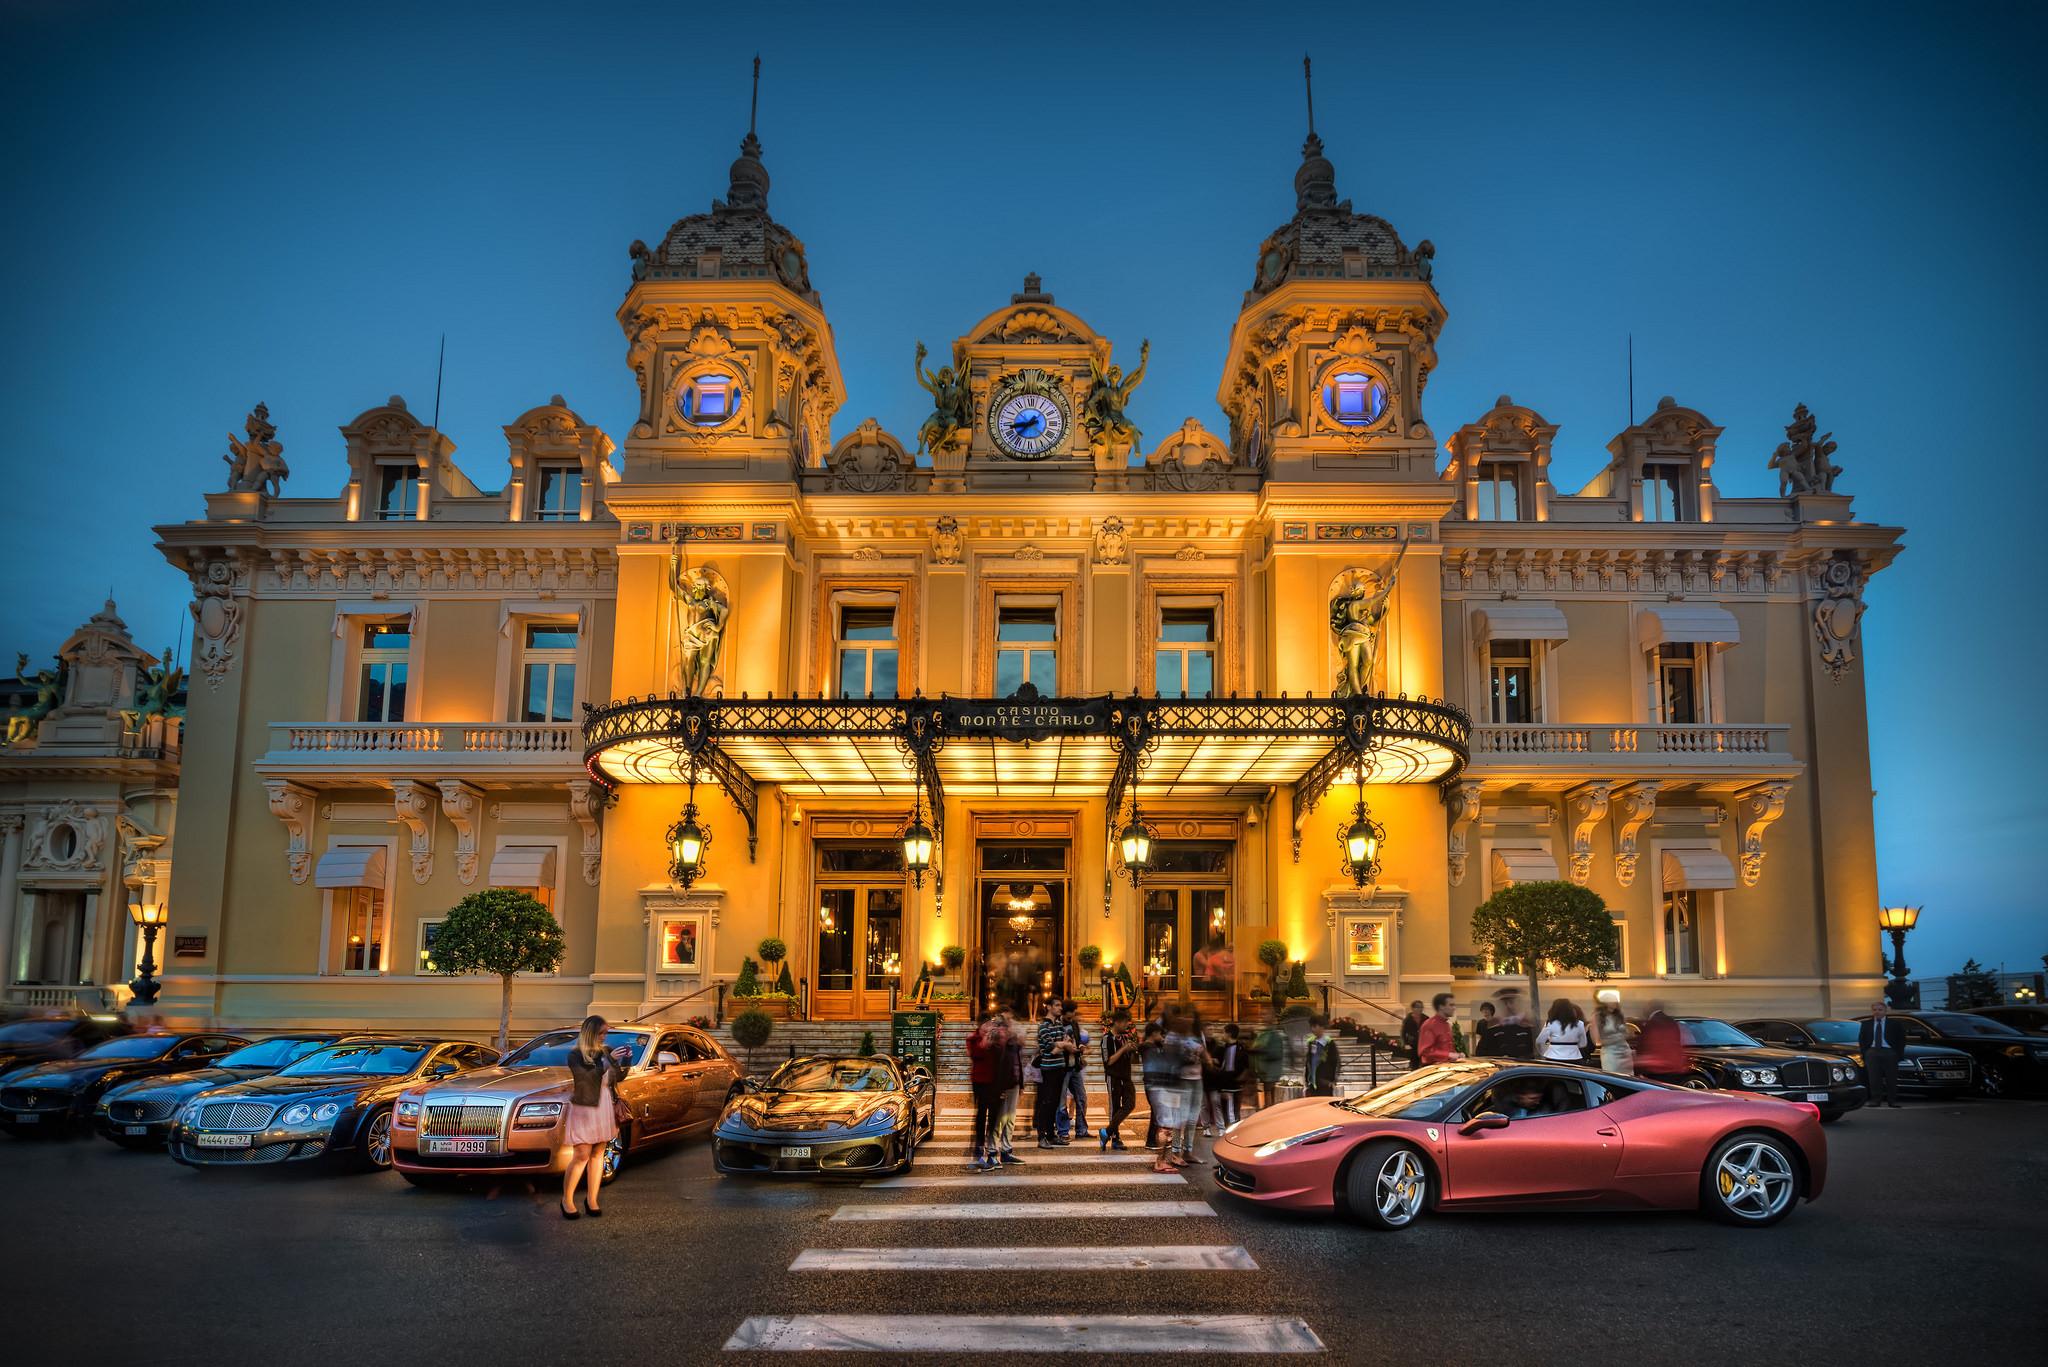 казино 2010 по-мавританский